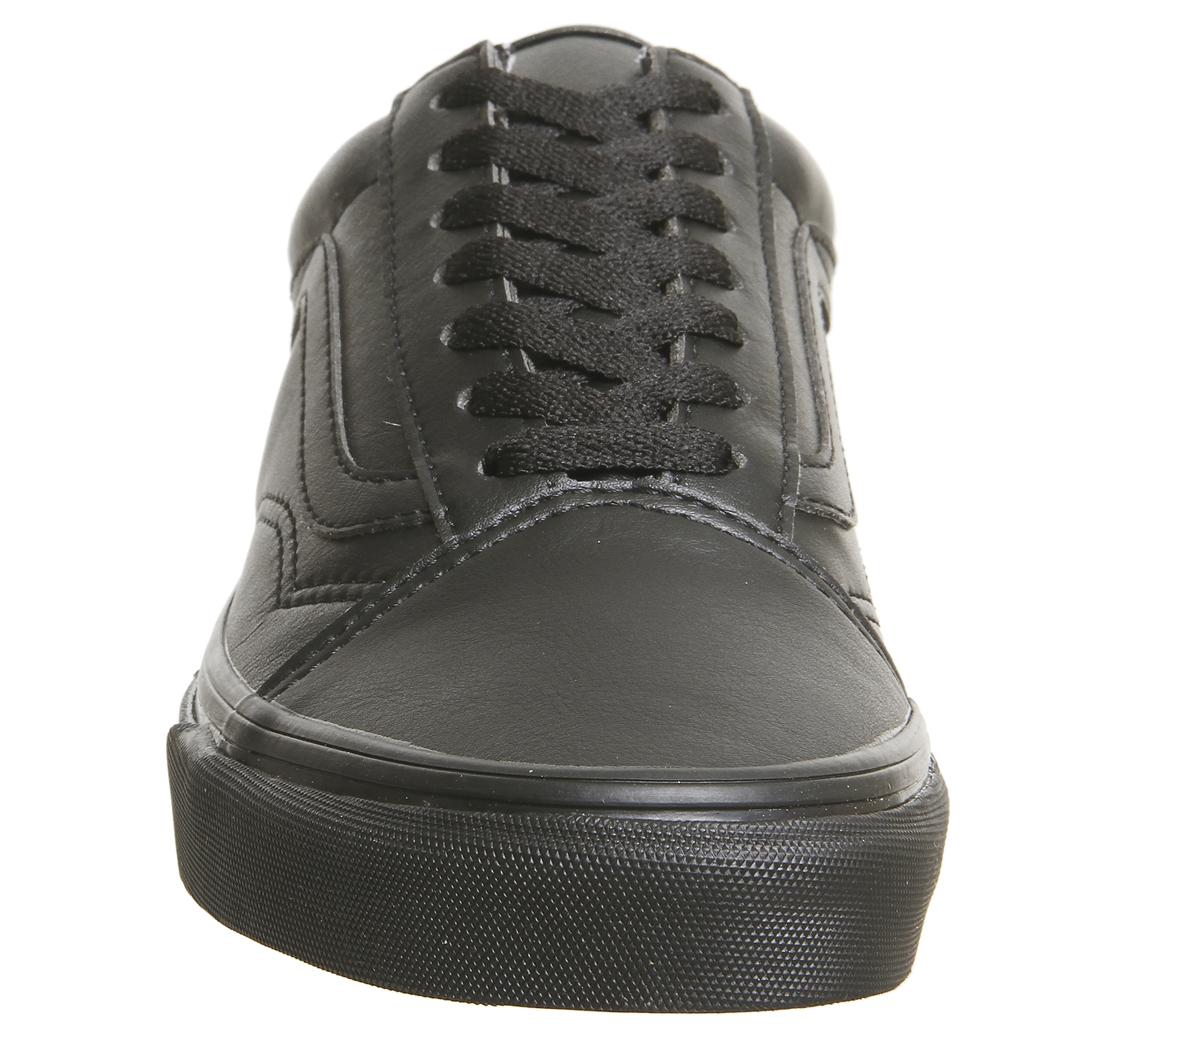 SENTINEL Mens Vans Old Skool allenatori MONO nero nero in pelle scarpe da  ginnastica scarpe ff94c9bb9de